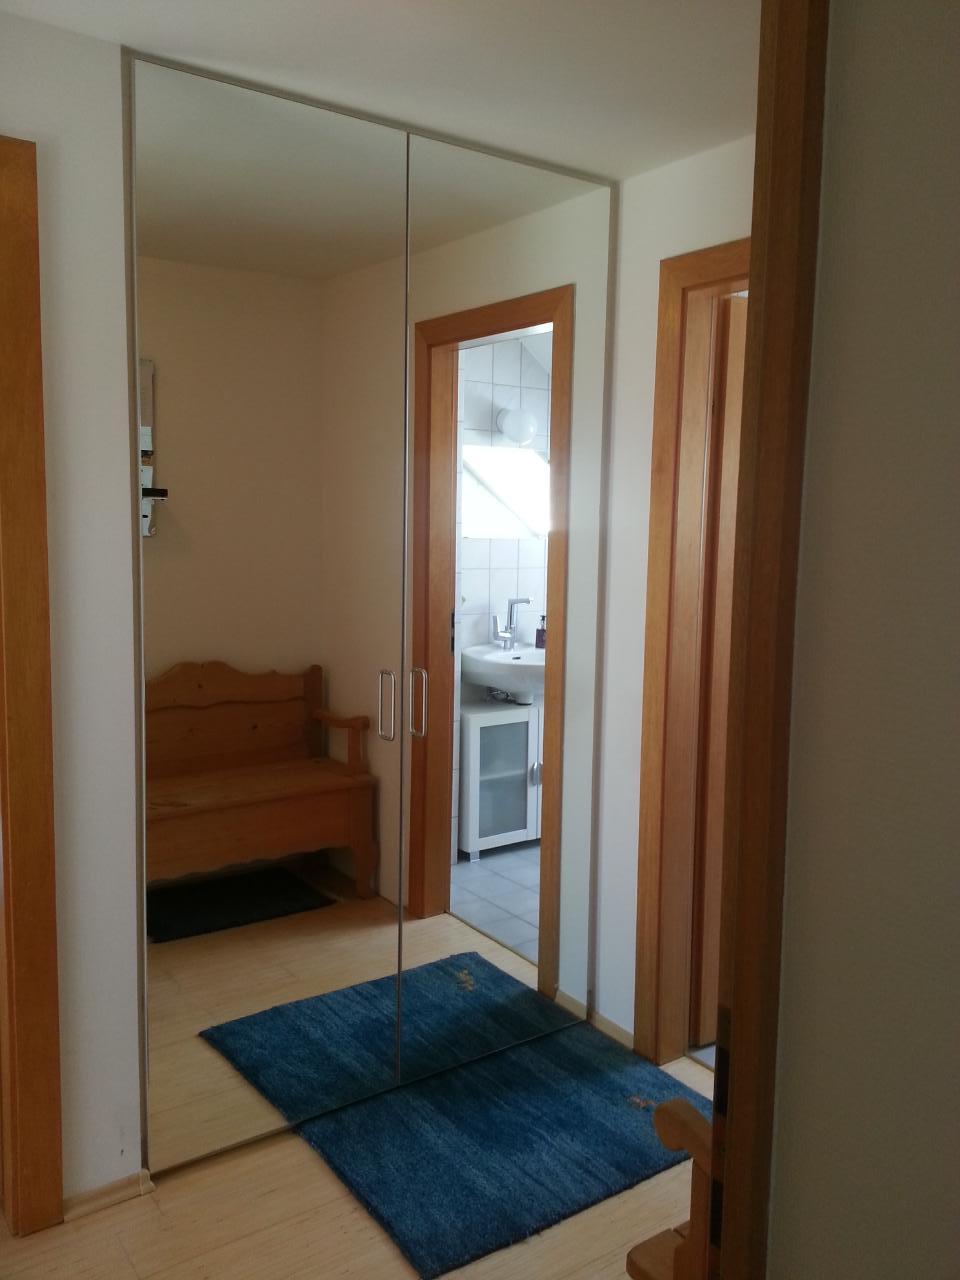 Ferienwohnung Appartement Feldkirch (1840248), Feldkirch, Bodensee-Vorarlberg, Vorarlberg, Österreich, Bild 15